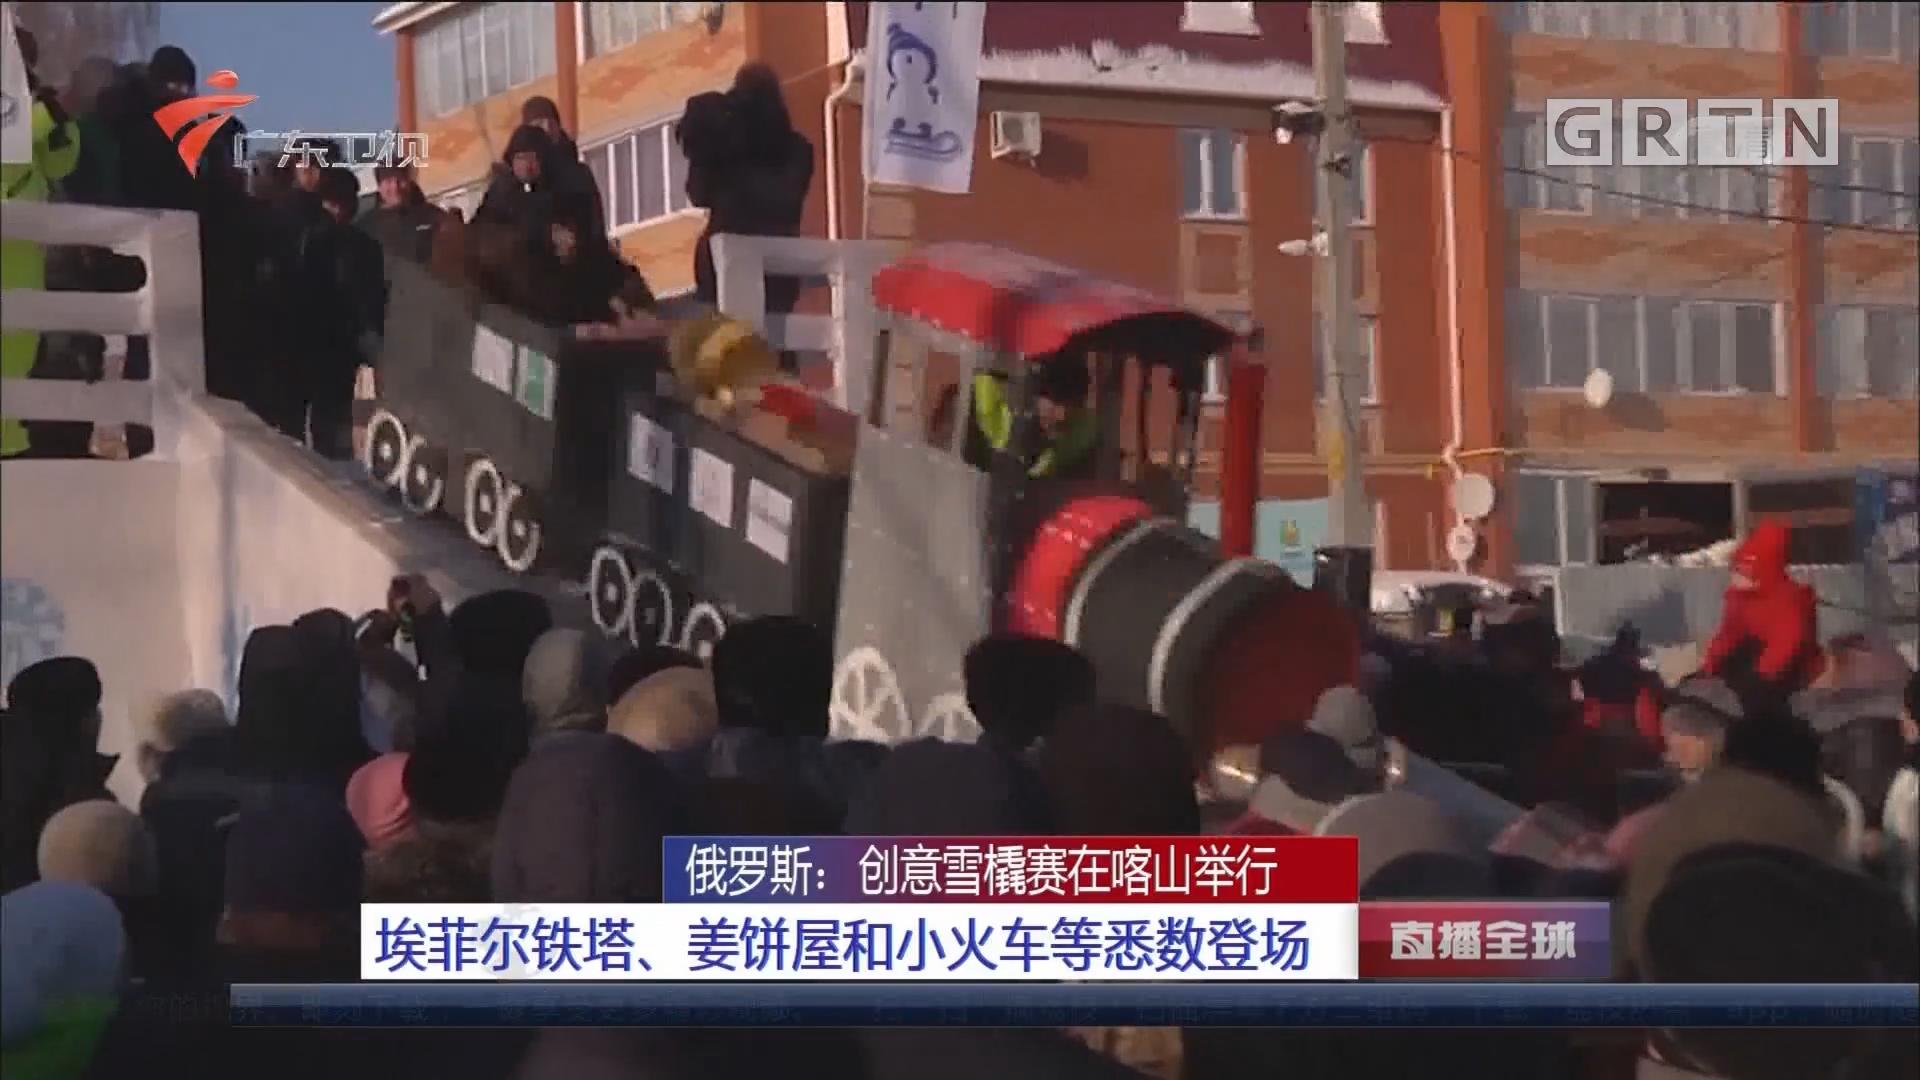 俄罗斯:创意雪橇赛在喀山举行 埃菲尔铁塔、姜饼屋和小火车等悉数登场